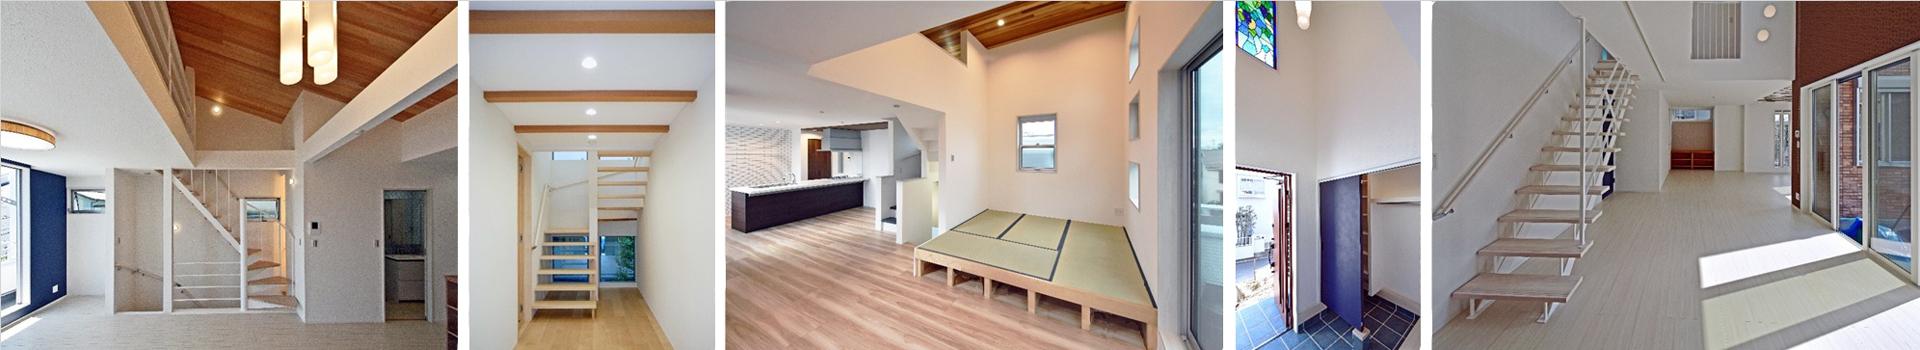 神奈川のデザイン住宅の内観